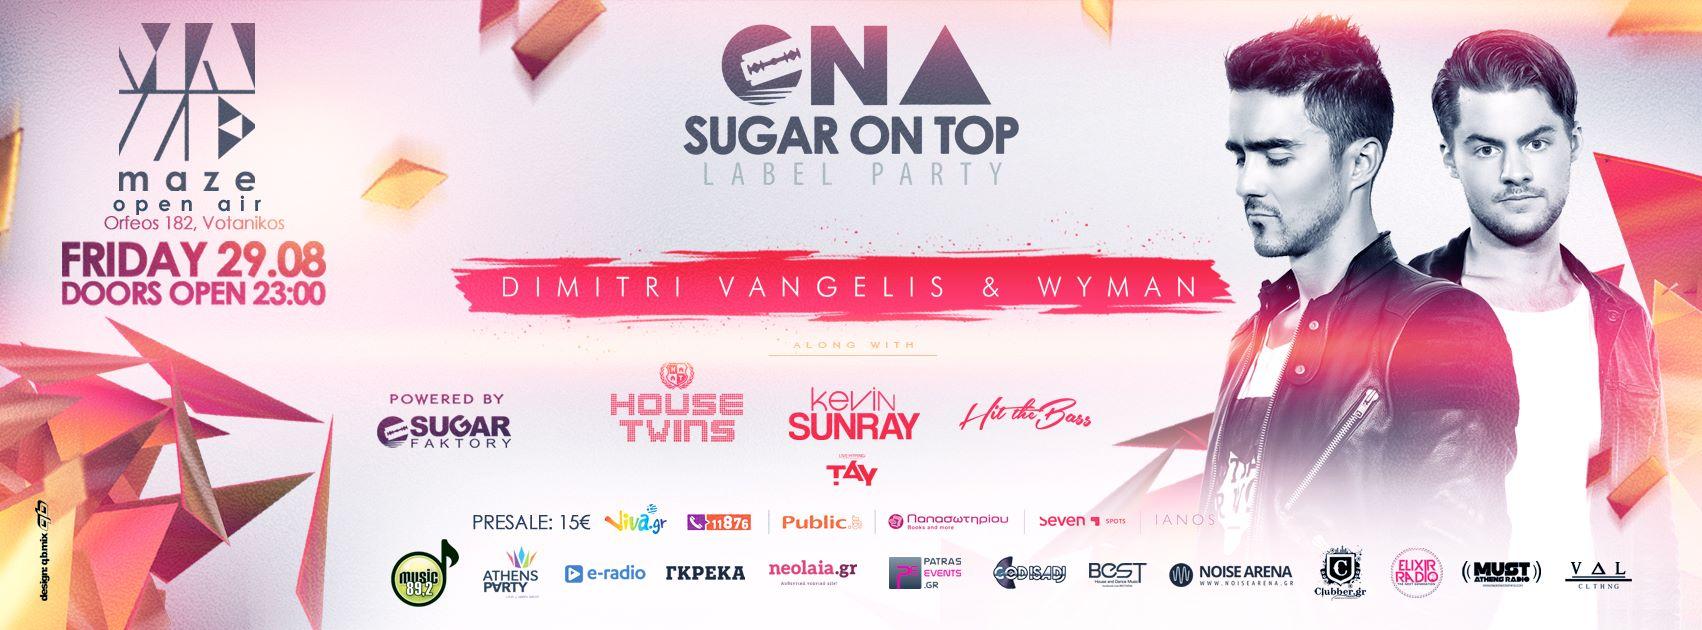 Sugar On Top Presents: Dimitri Vangelis & Wyman στην Αθήνα (29/8)